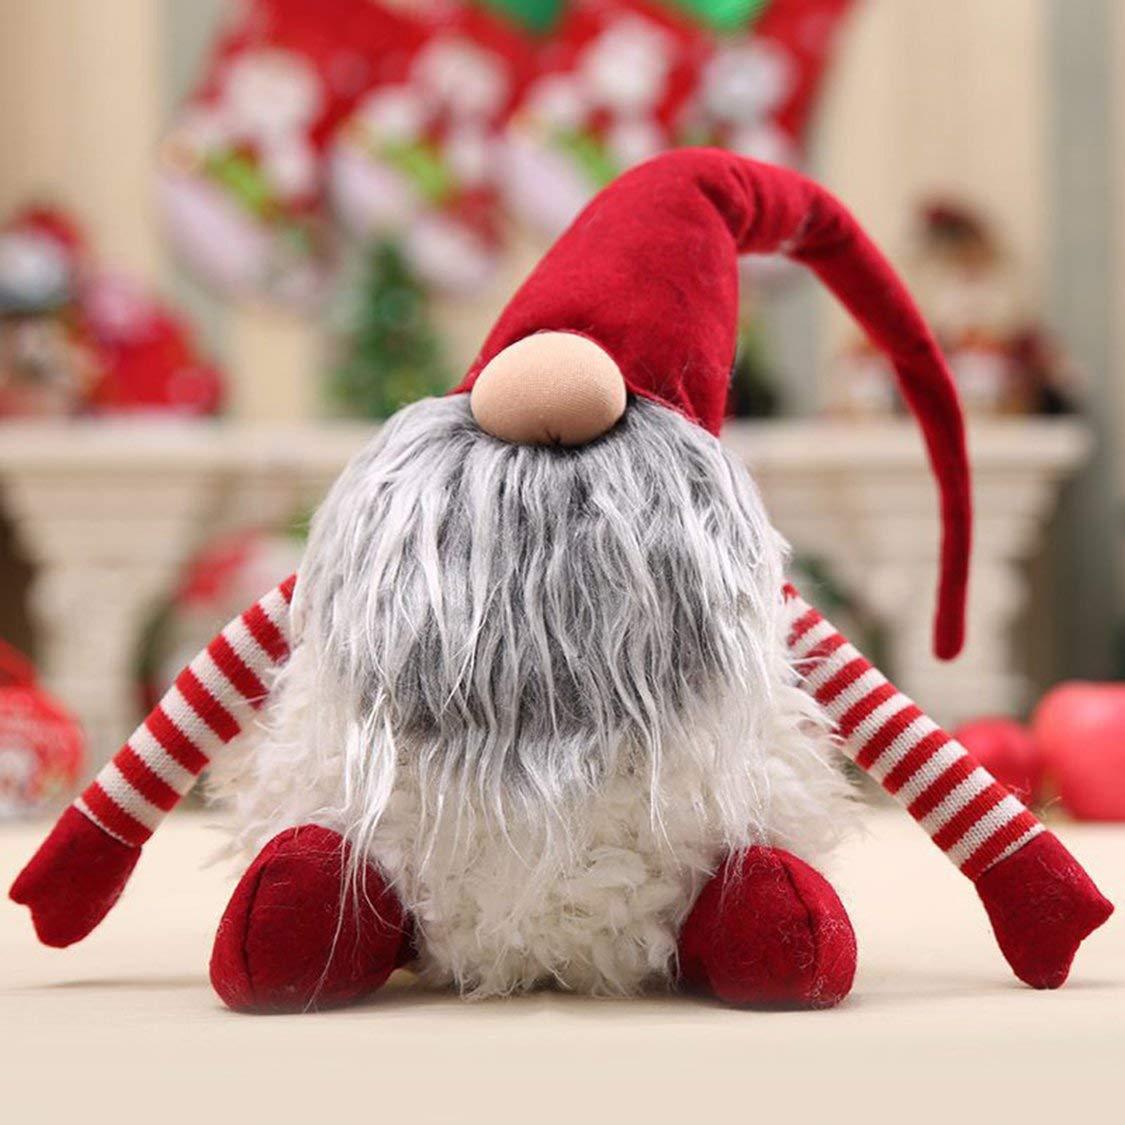 01dee7940266 VIGE Cartoon Christmas Gift Gift Gift Faceless Babbo Natale Bambola Nana  Peluche Decorazioni di Natale Decorazioni per la casa Speciale Fascino per  i ...